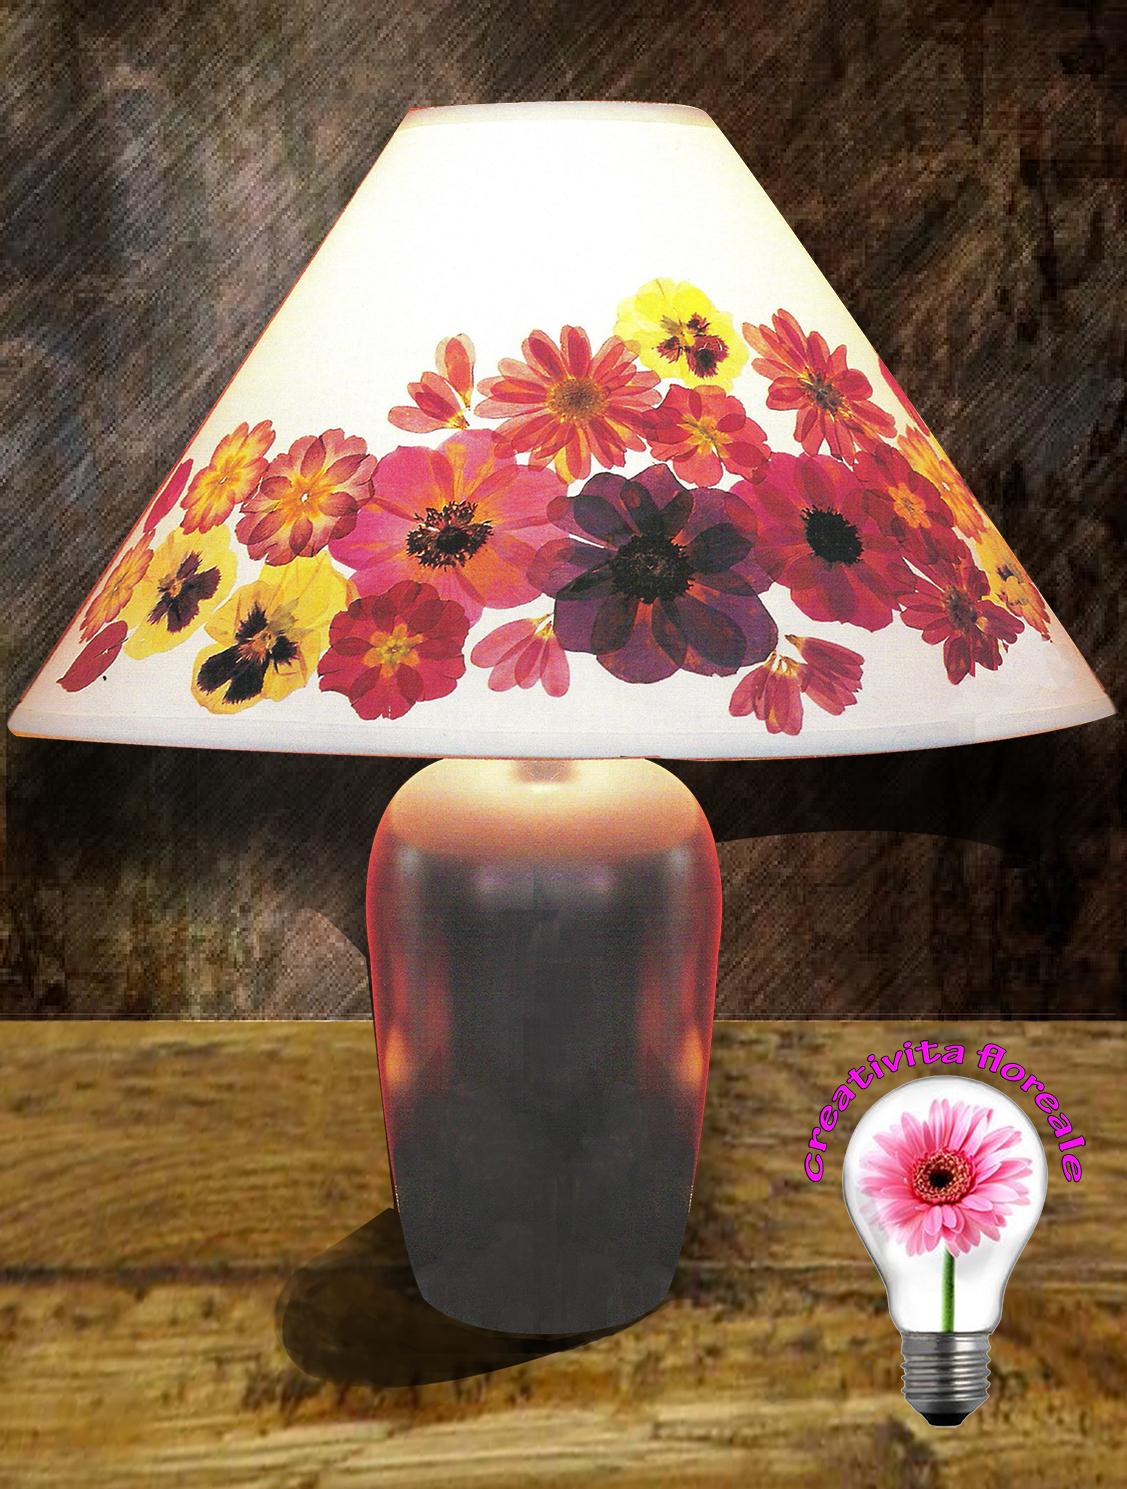 Lampade Fiori: Lampade con fiori come montare una piantana tiffany.